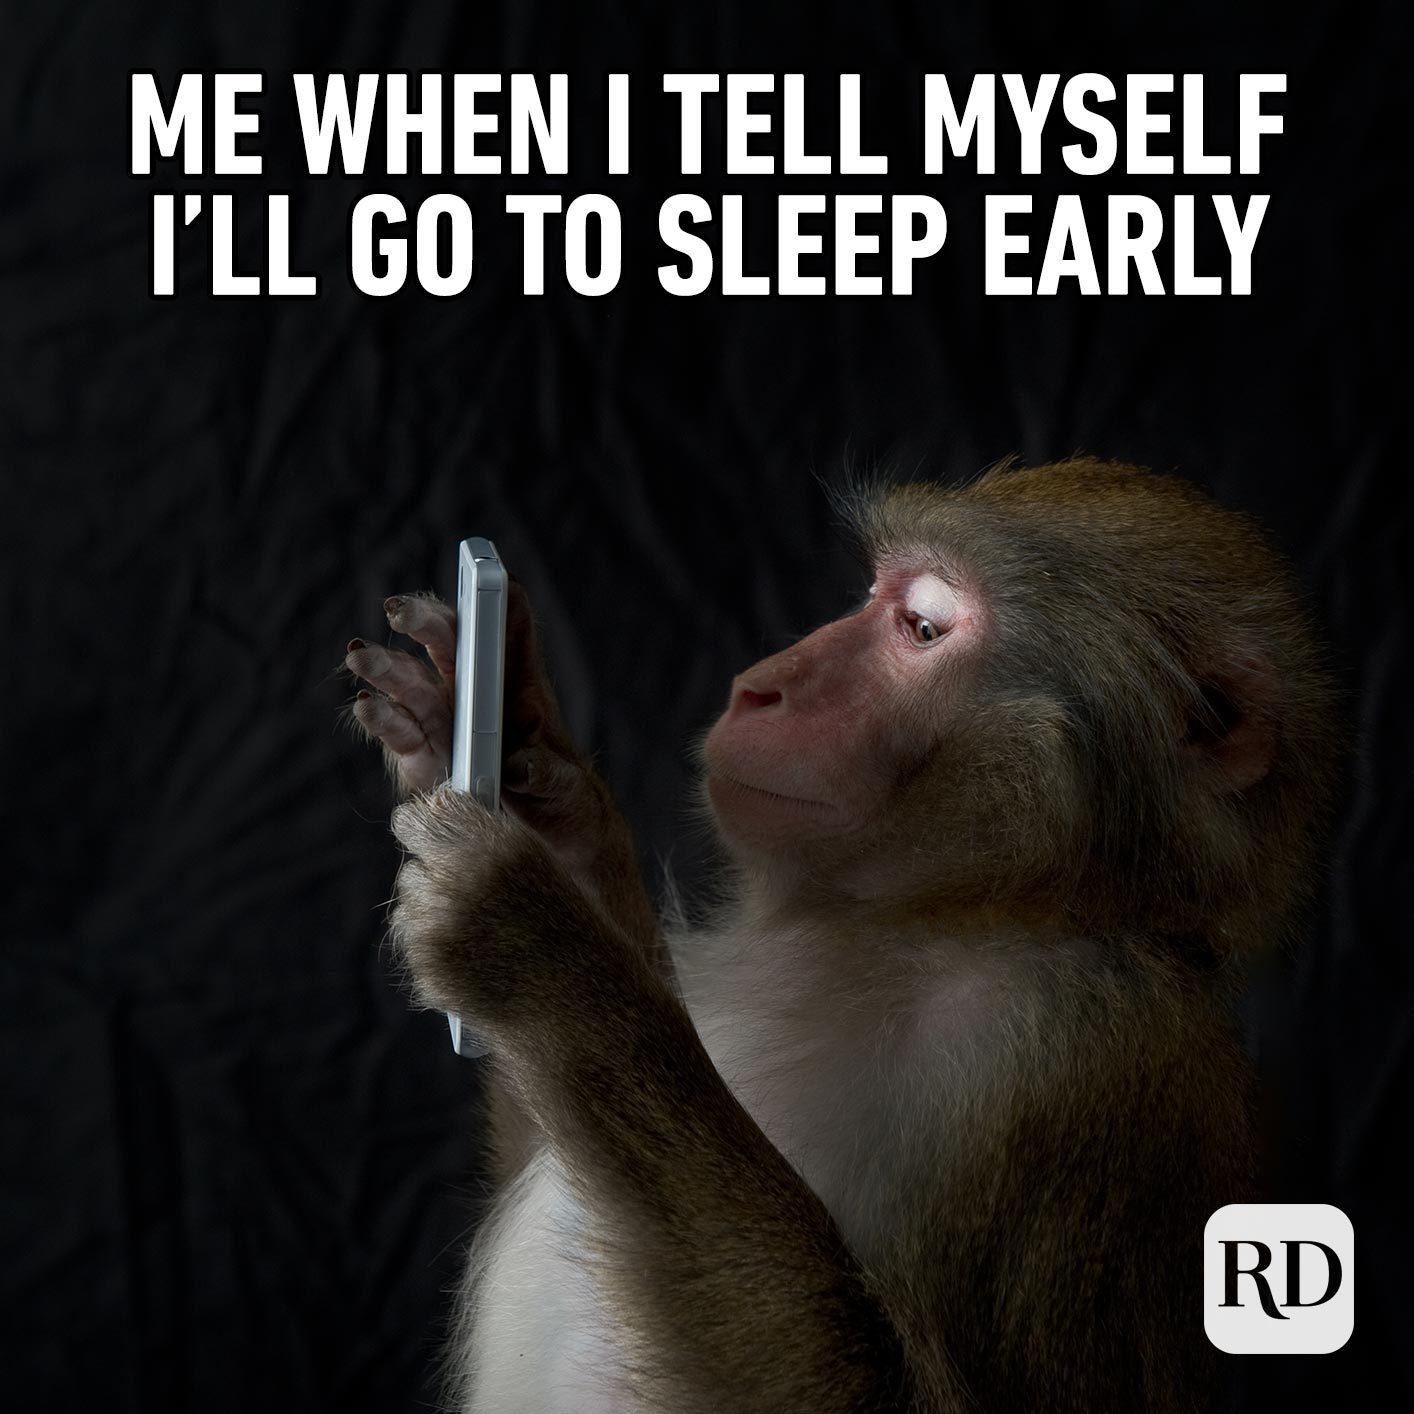 Monkey on a phone. Meme text: Me when I tell myself I'll go to sleep early.